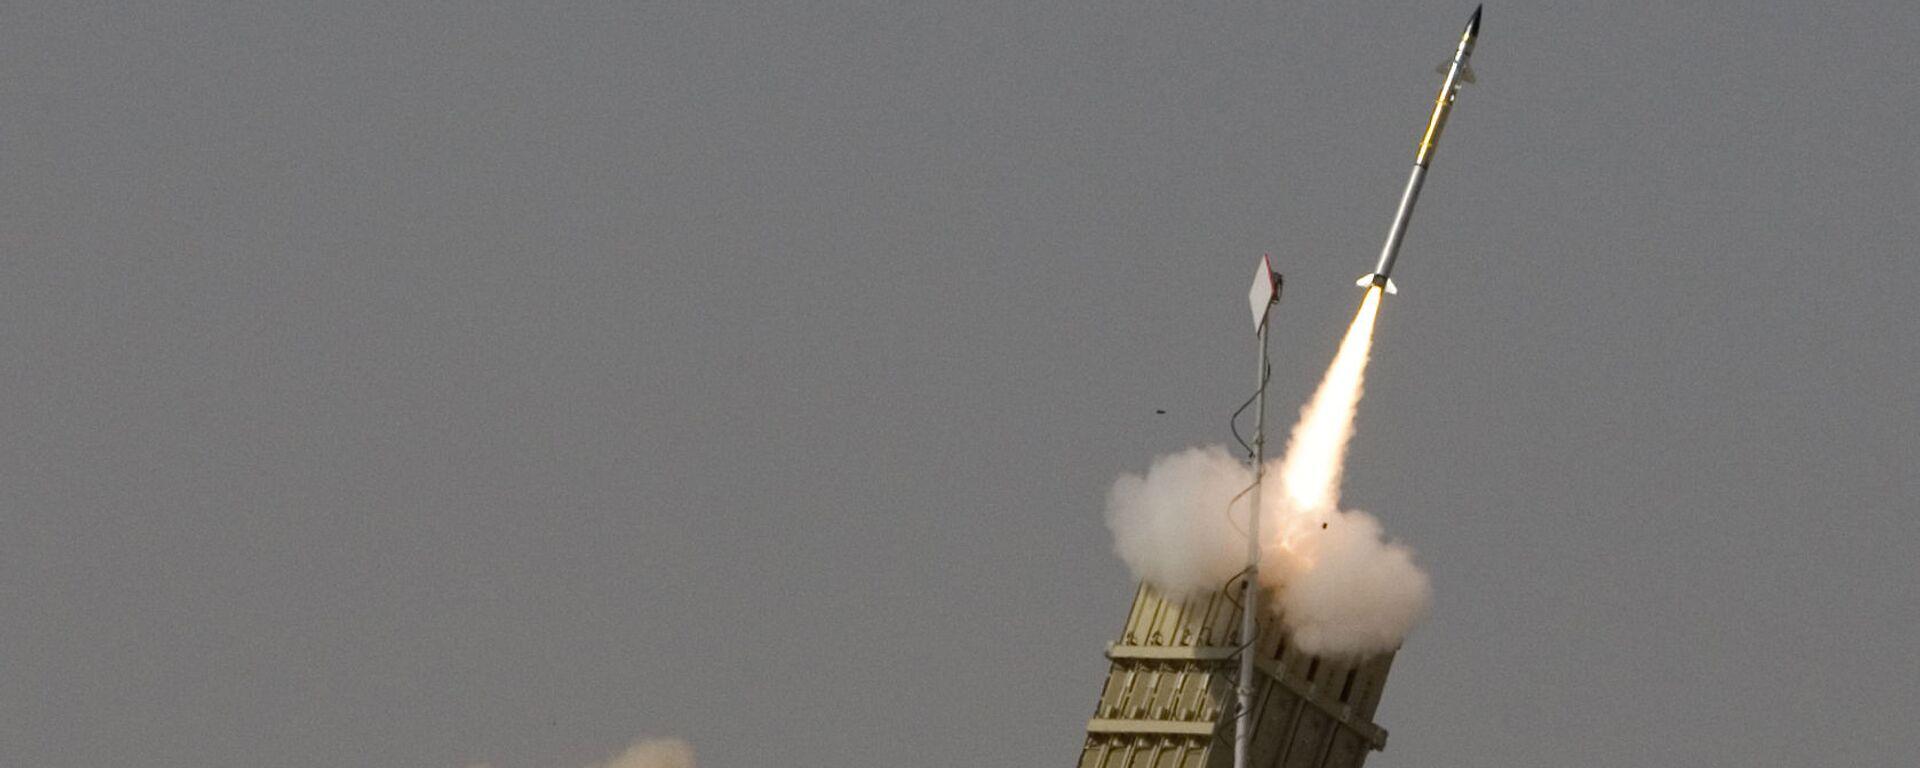 Запуск ракеты израильской системы ПРО Железный купол - Sputnik Česká republika, 1920, 06.08.2021